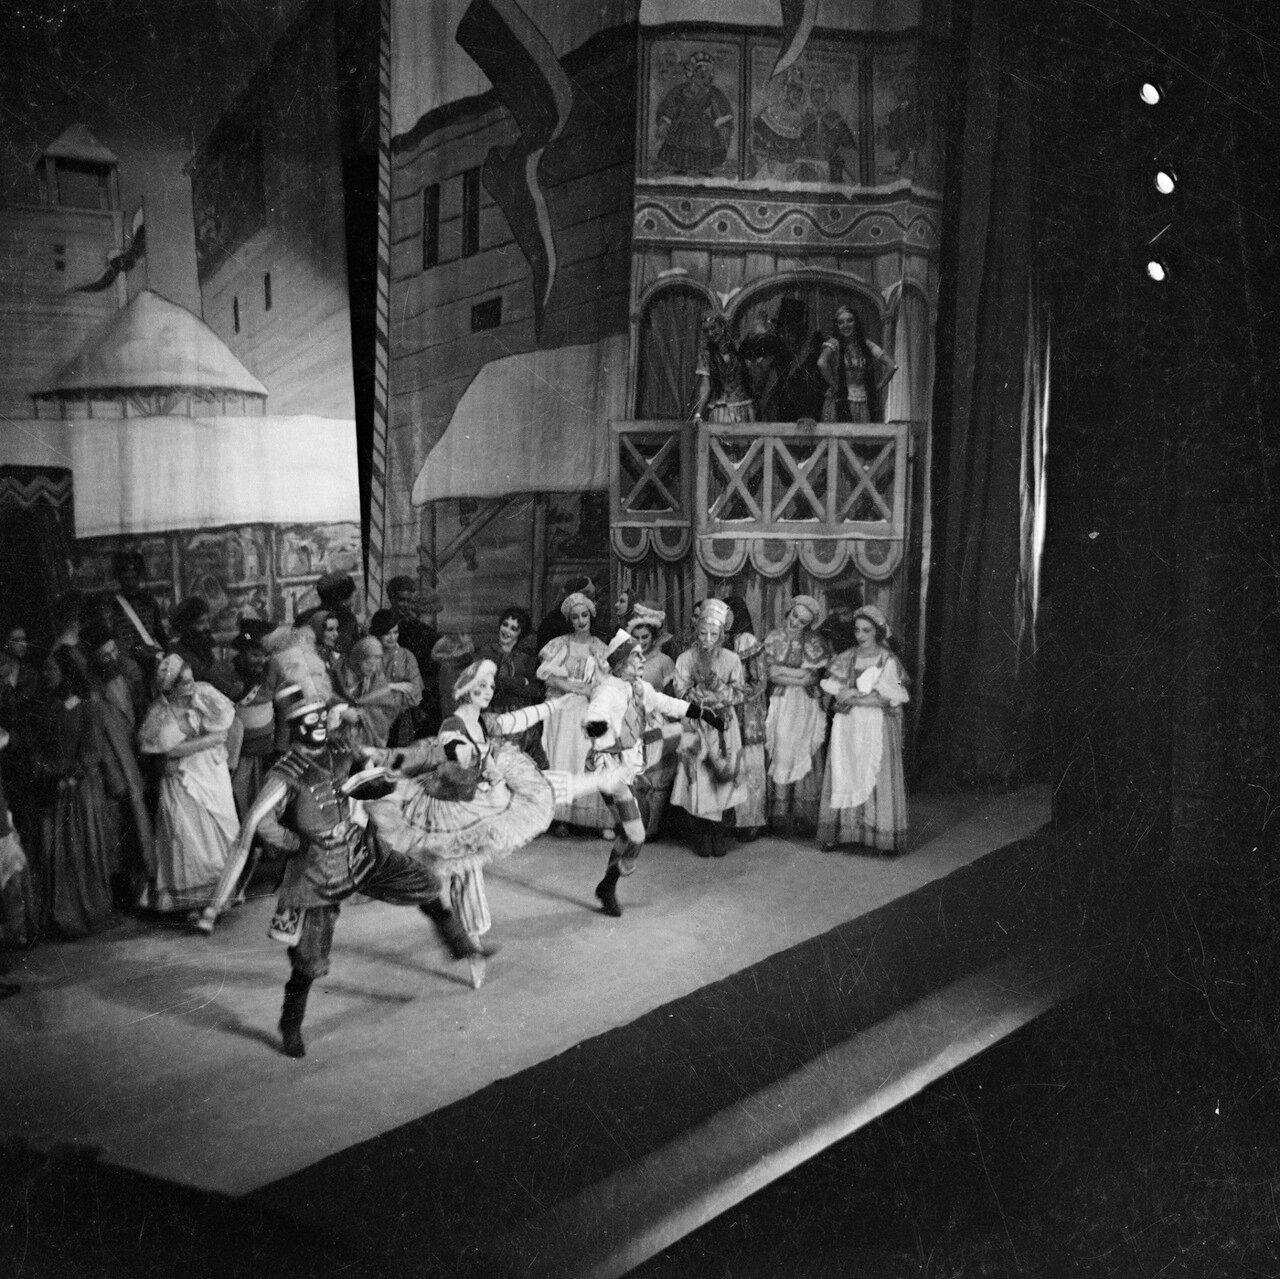 Звезда балета Полковника де Базиля Элен Кирсова в «Петрушке». Королевский театр, Сидней, 11 января 1937